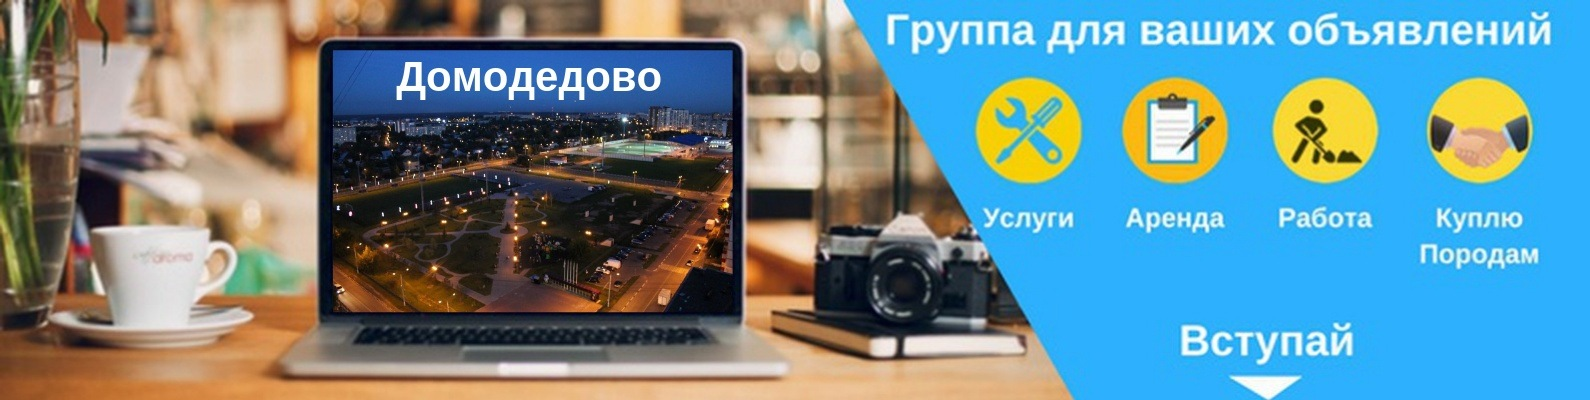 Подработка к новому году Домодедово без трудовой и медицинской книжки